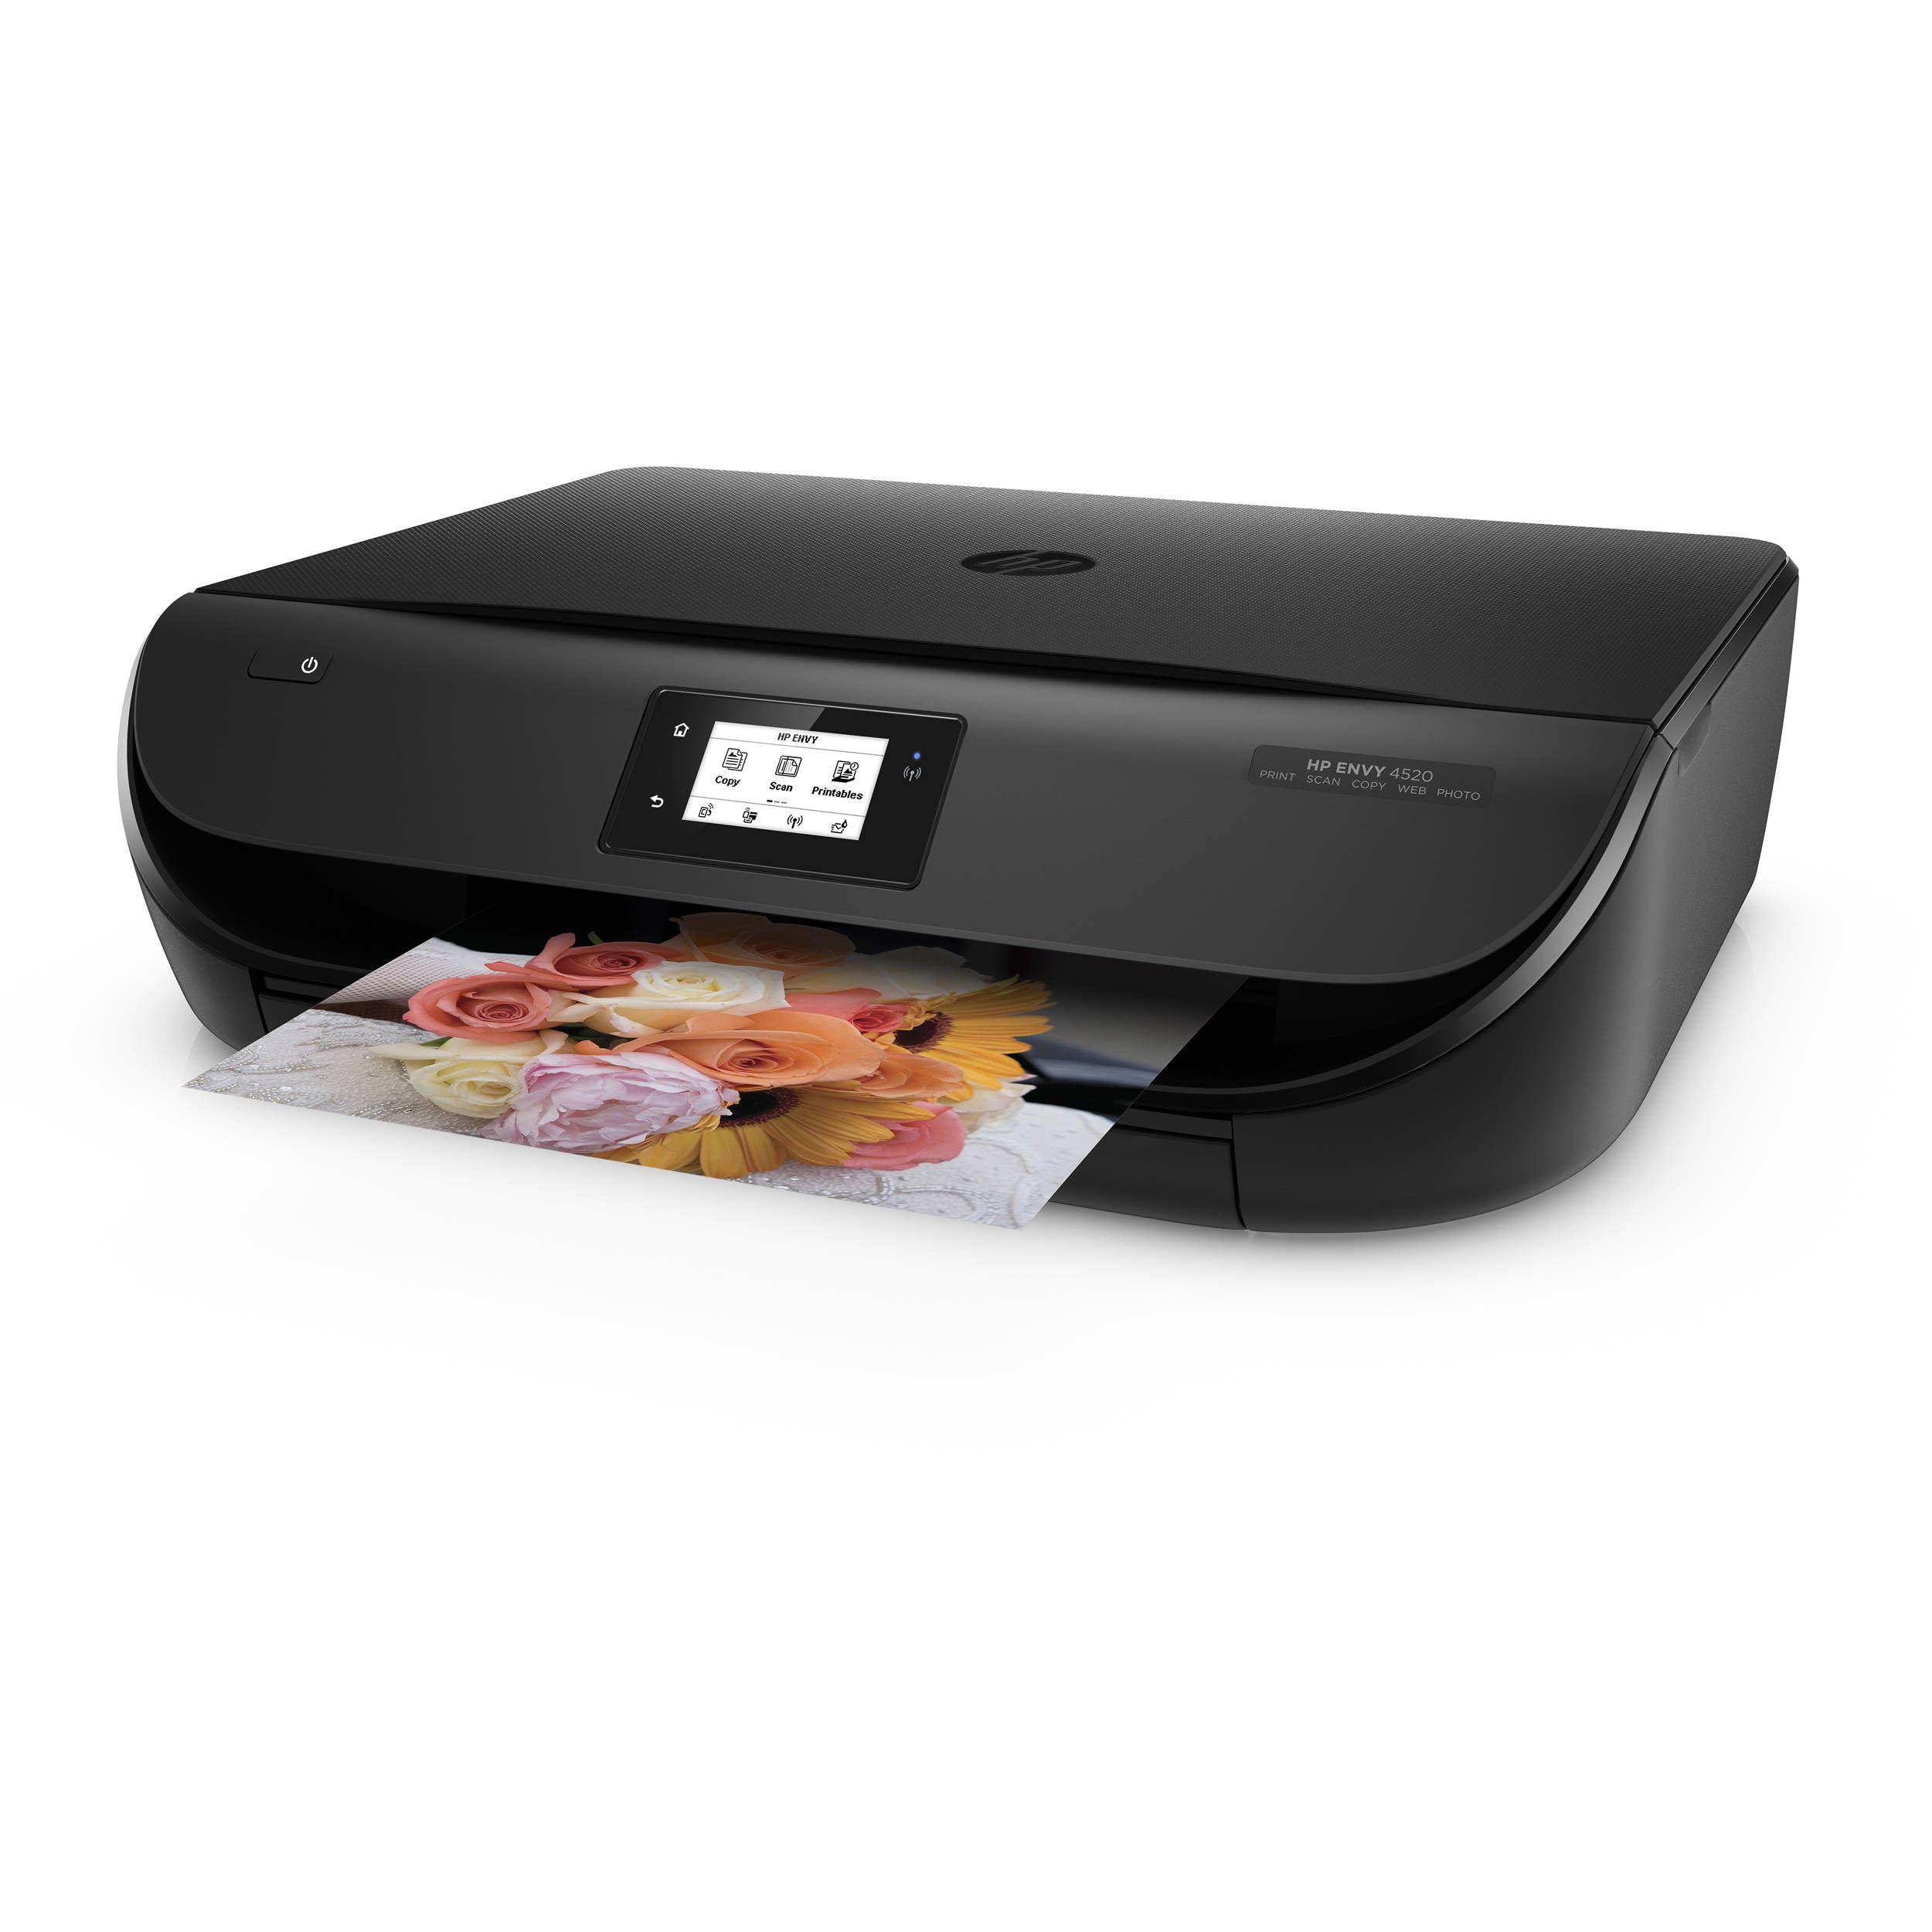 123 Hp Com Envy4520 Setup Photo Printer Printer Mobile Print